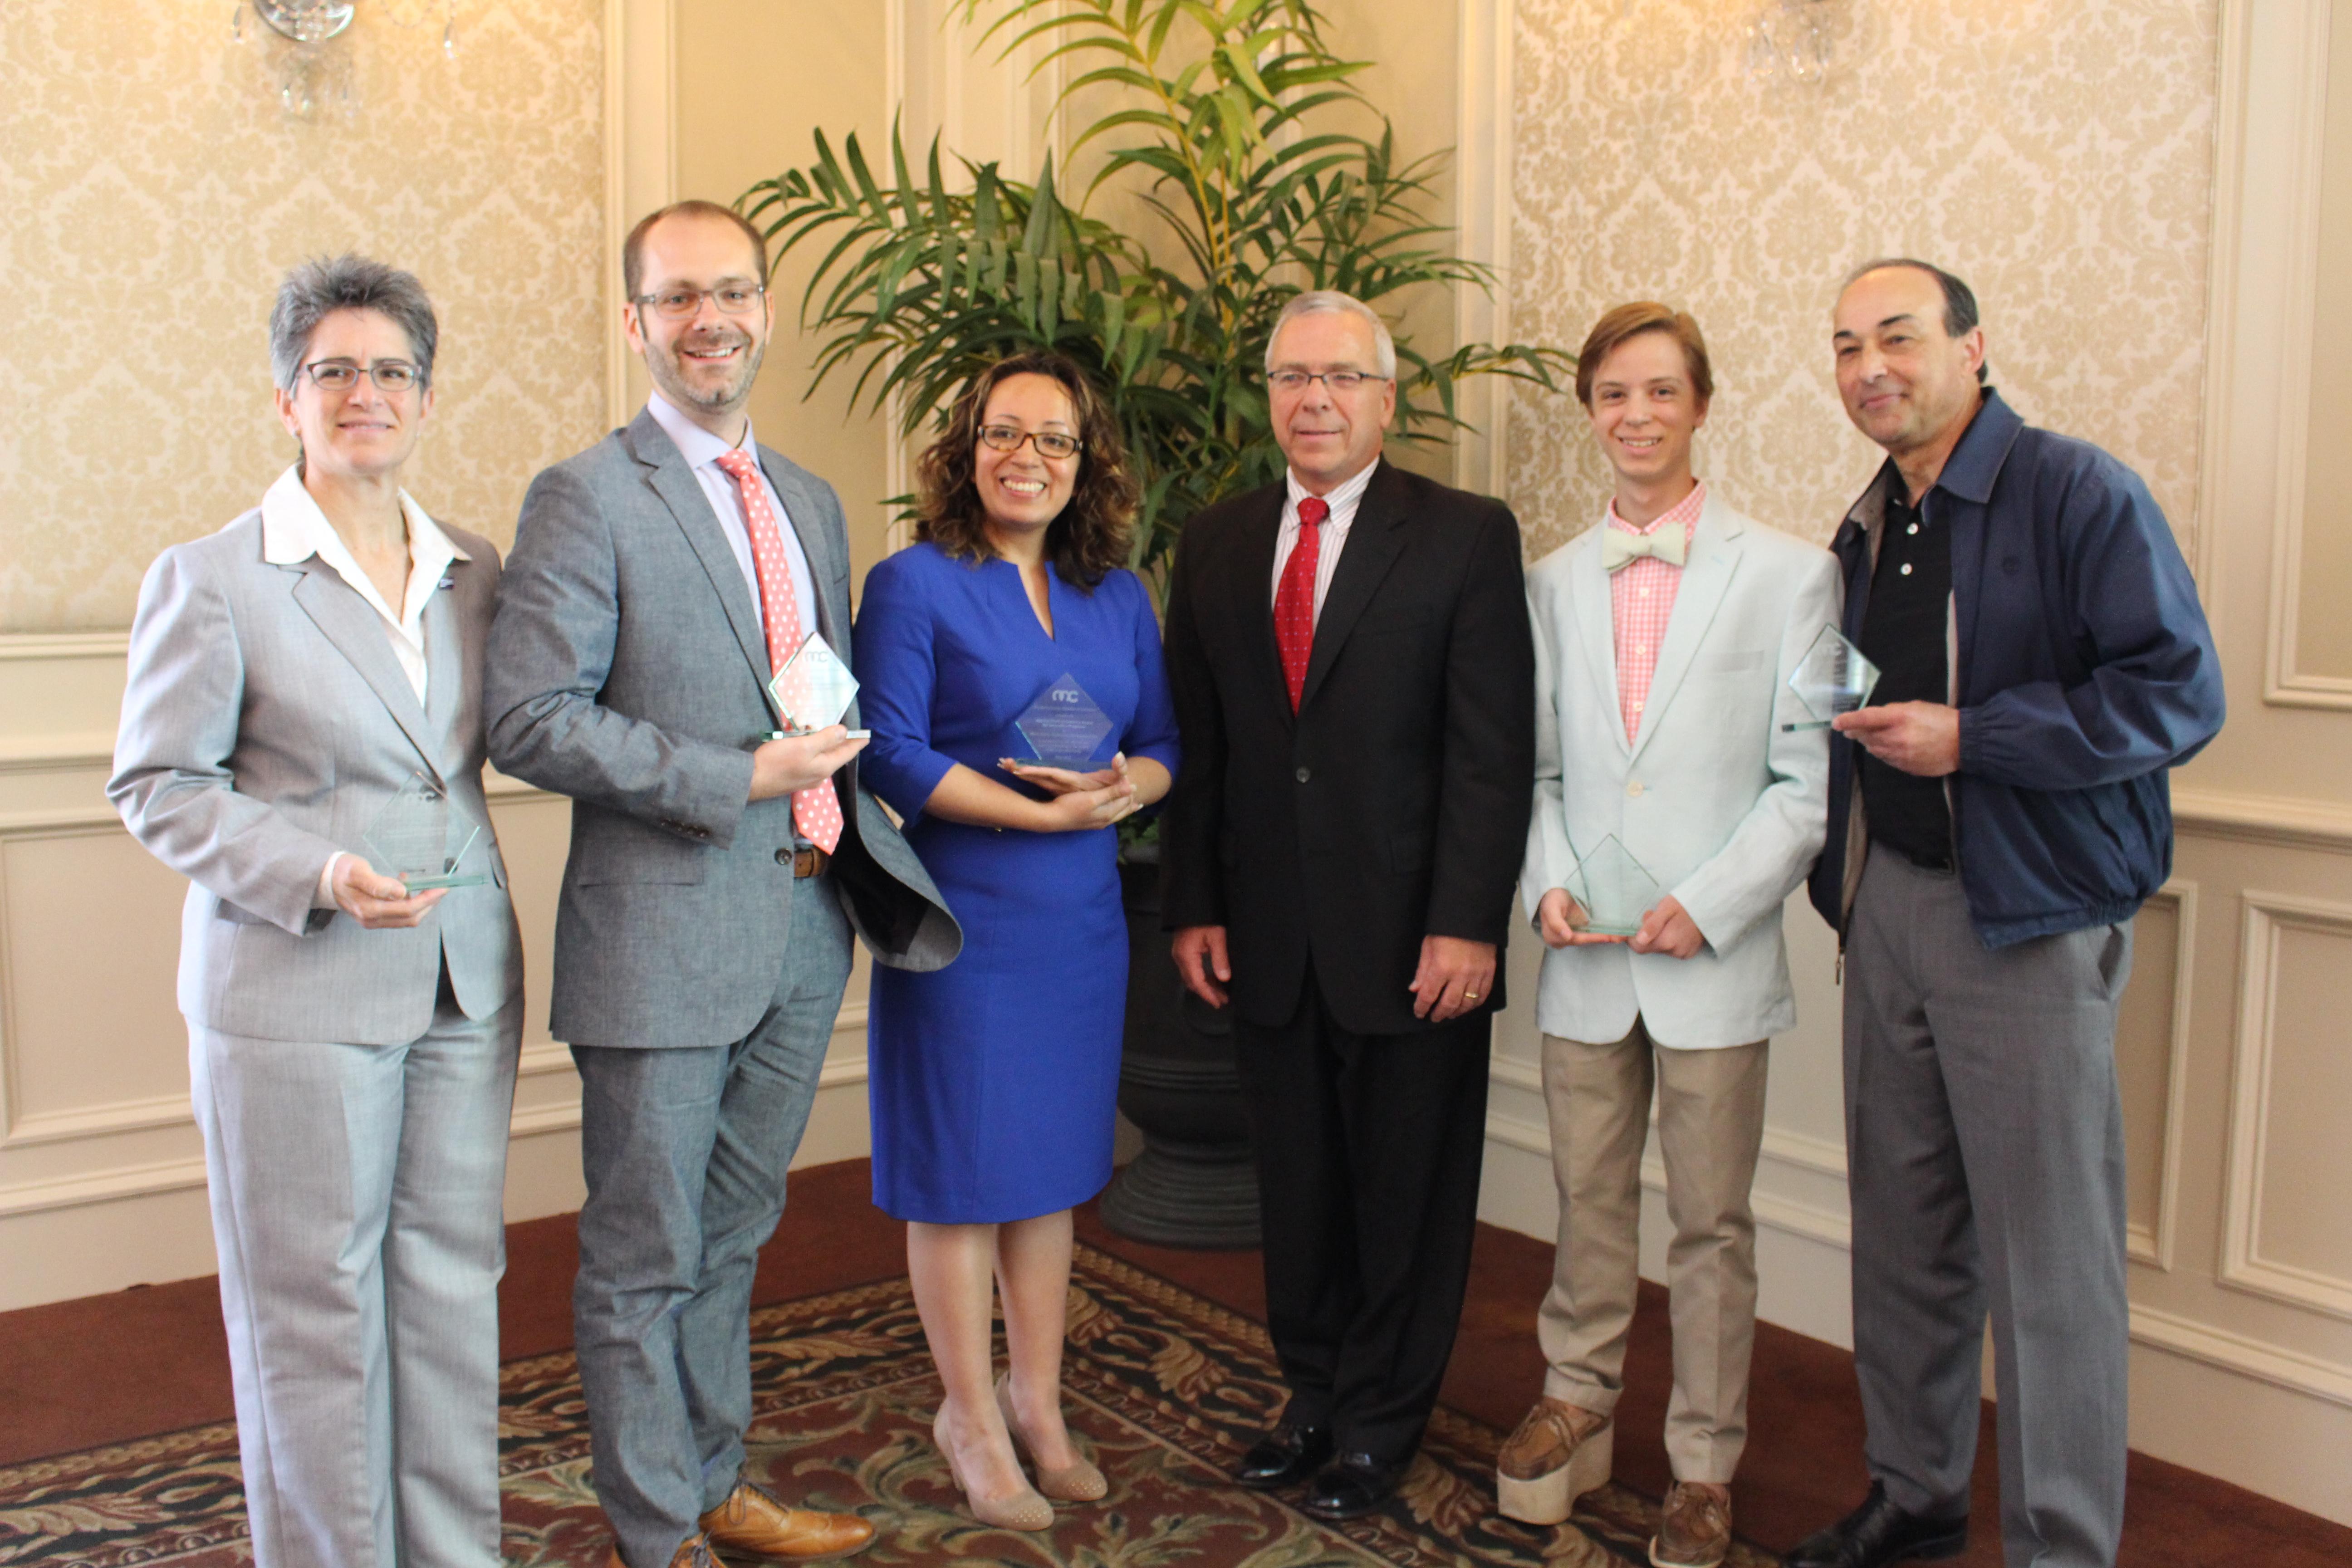 Morris Co Chamber Awards